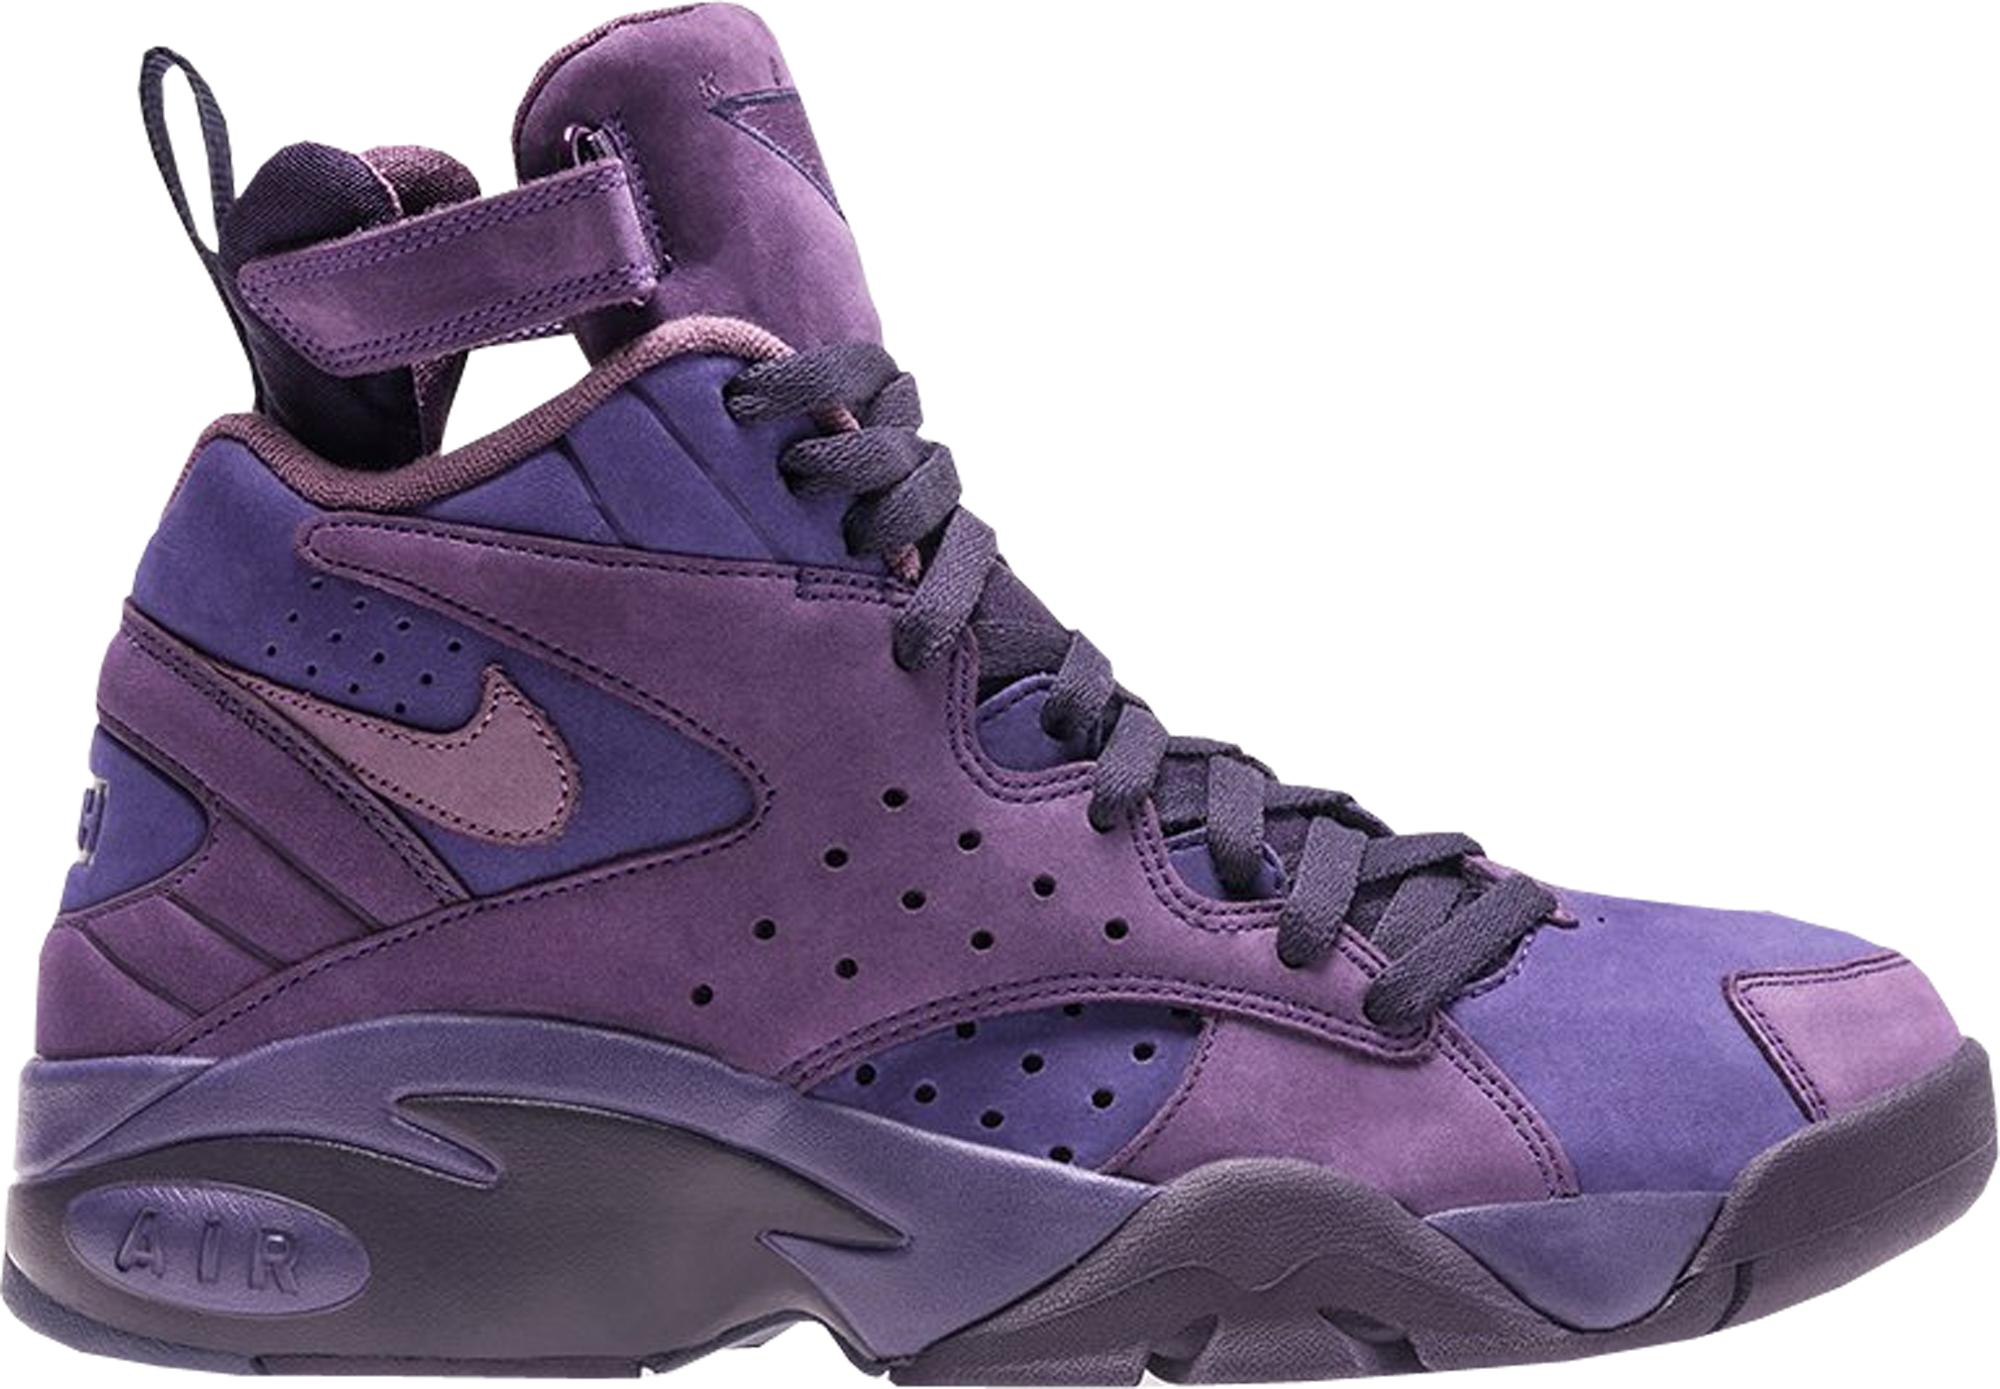 Air Maestro 2 High Kith Purple